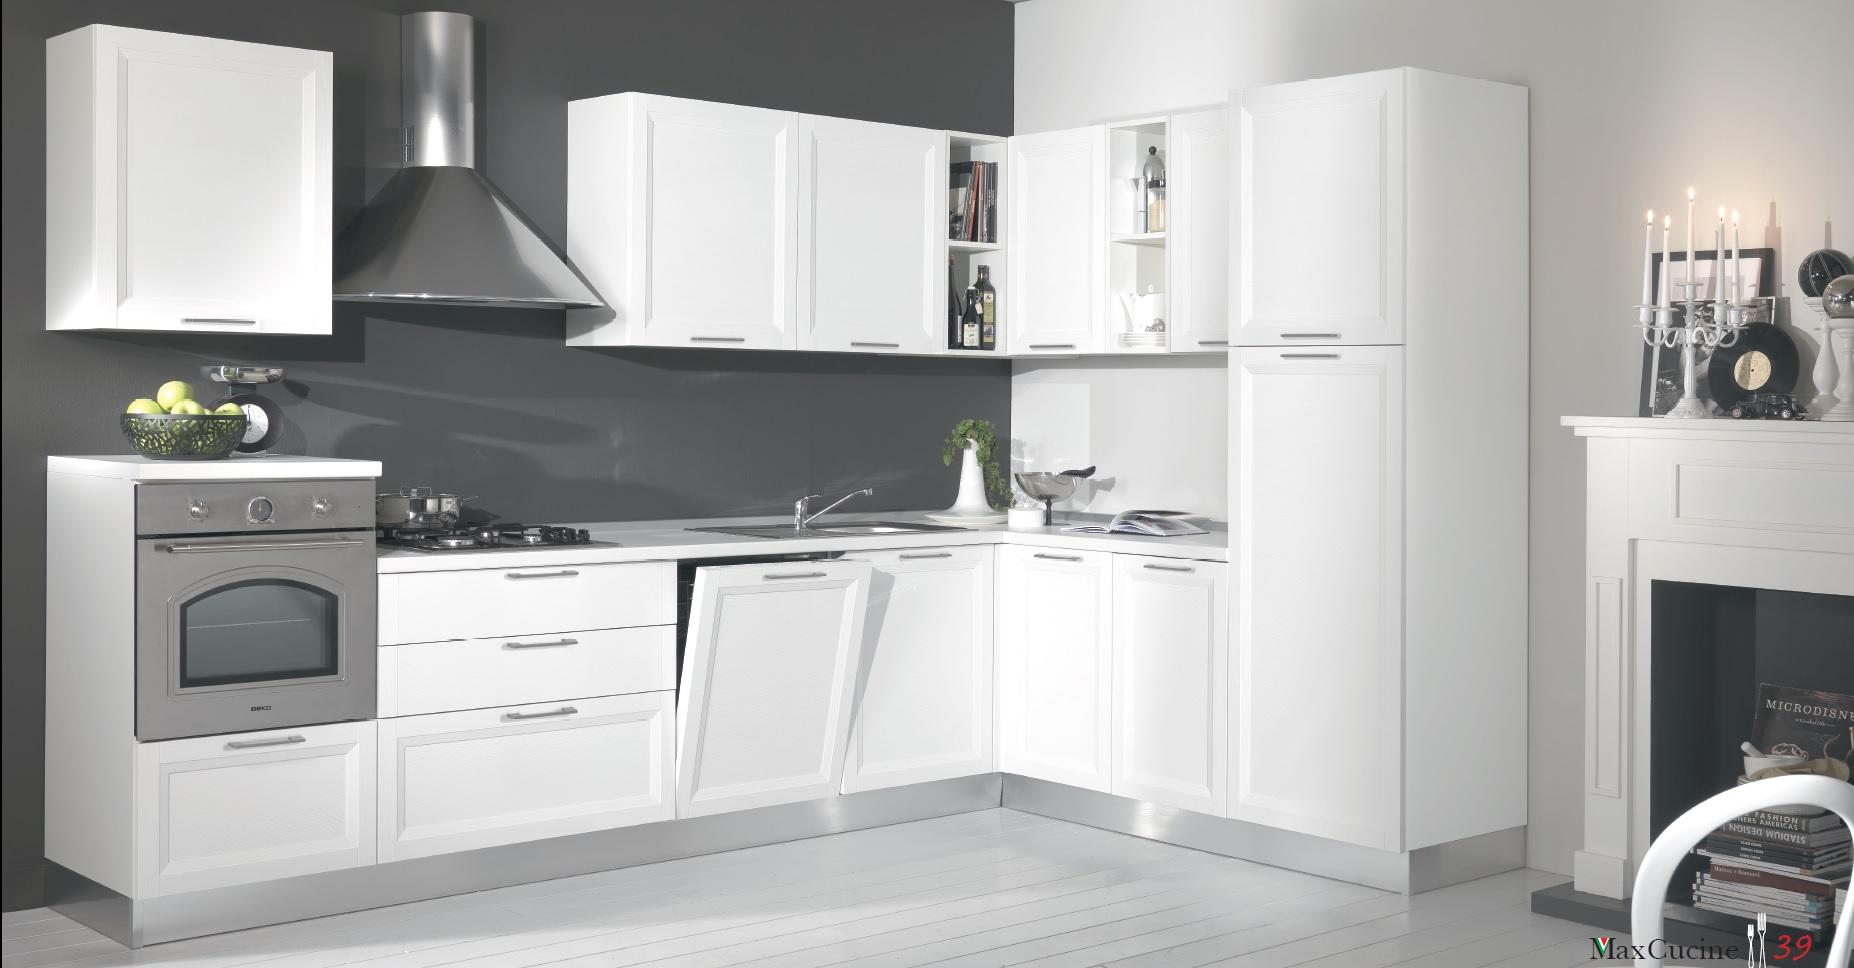 Terry Cucina Componibile Completa Di Elettrodomestici Come Jongose  #5F4444 1854 968 Panca Angolare Per Cucina